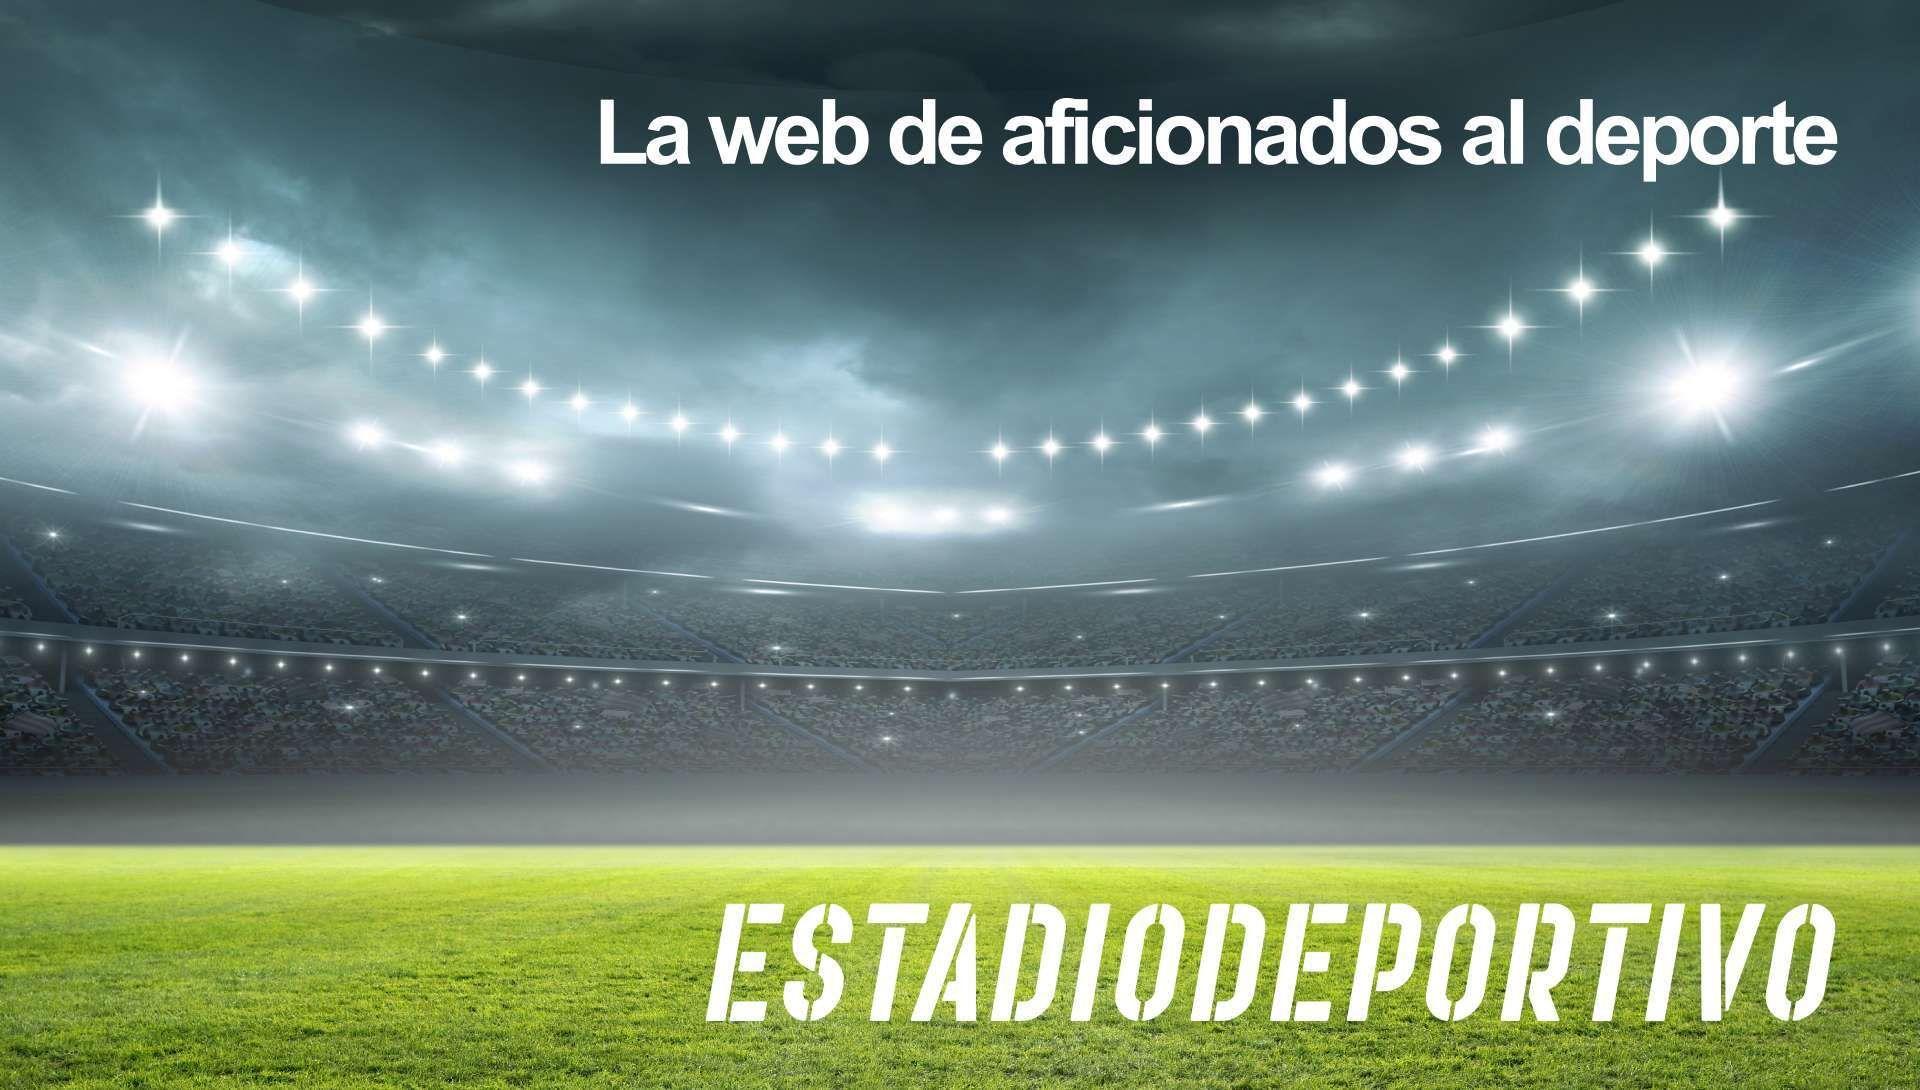 Las portadas del martes 20 de abril